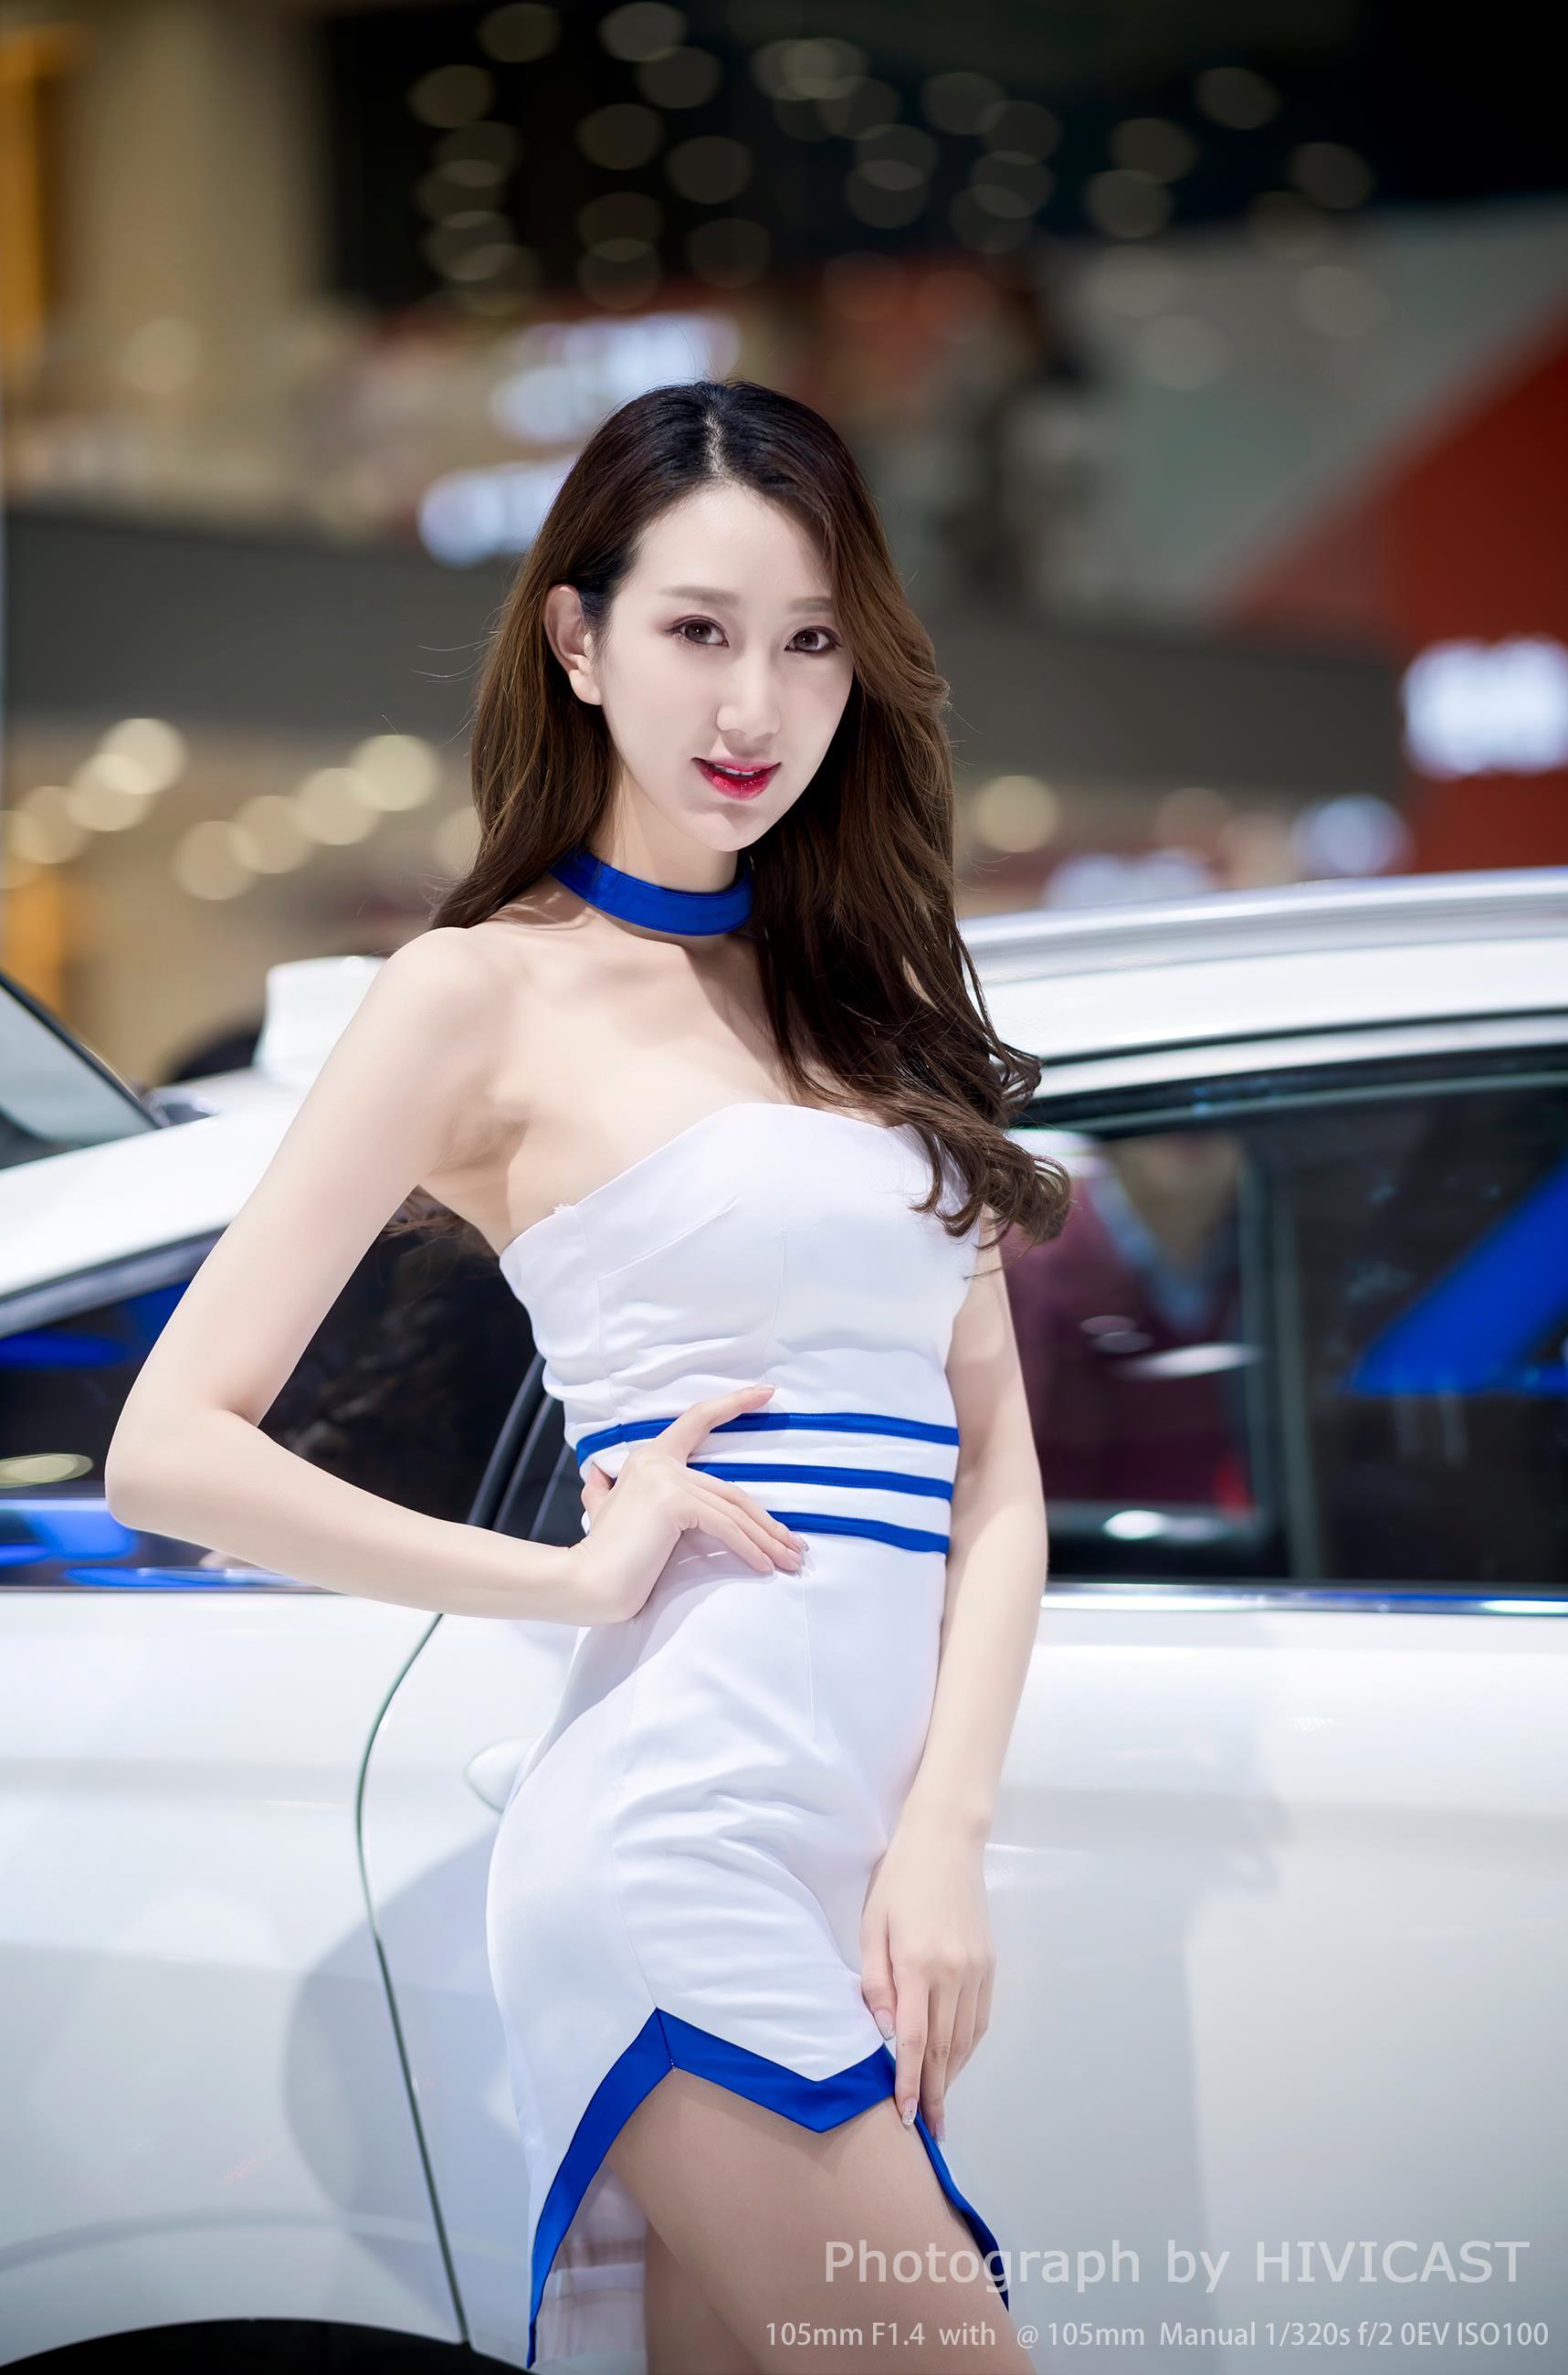 2017广州车展 东风启辰汽车展台 美女车模 扈馨文 白色抹胸短礼裙